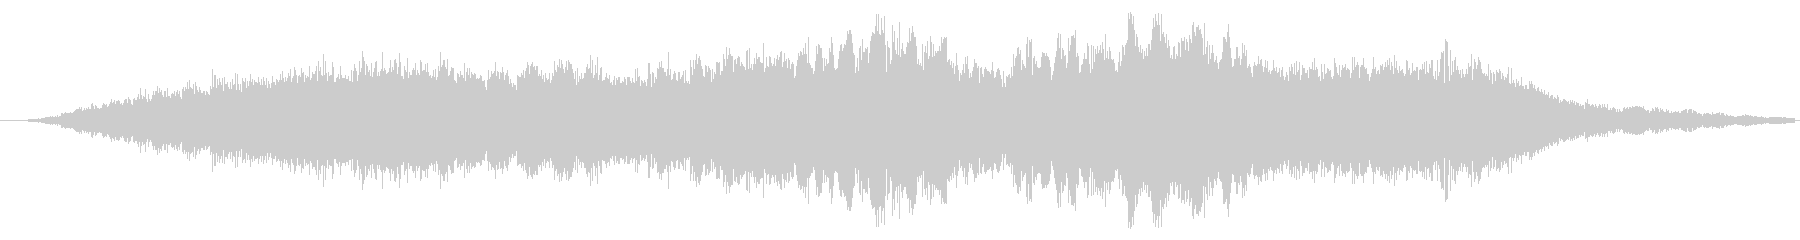 トランジション パッドスイープベント01の未再生の波形